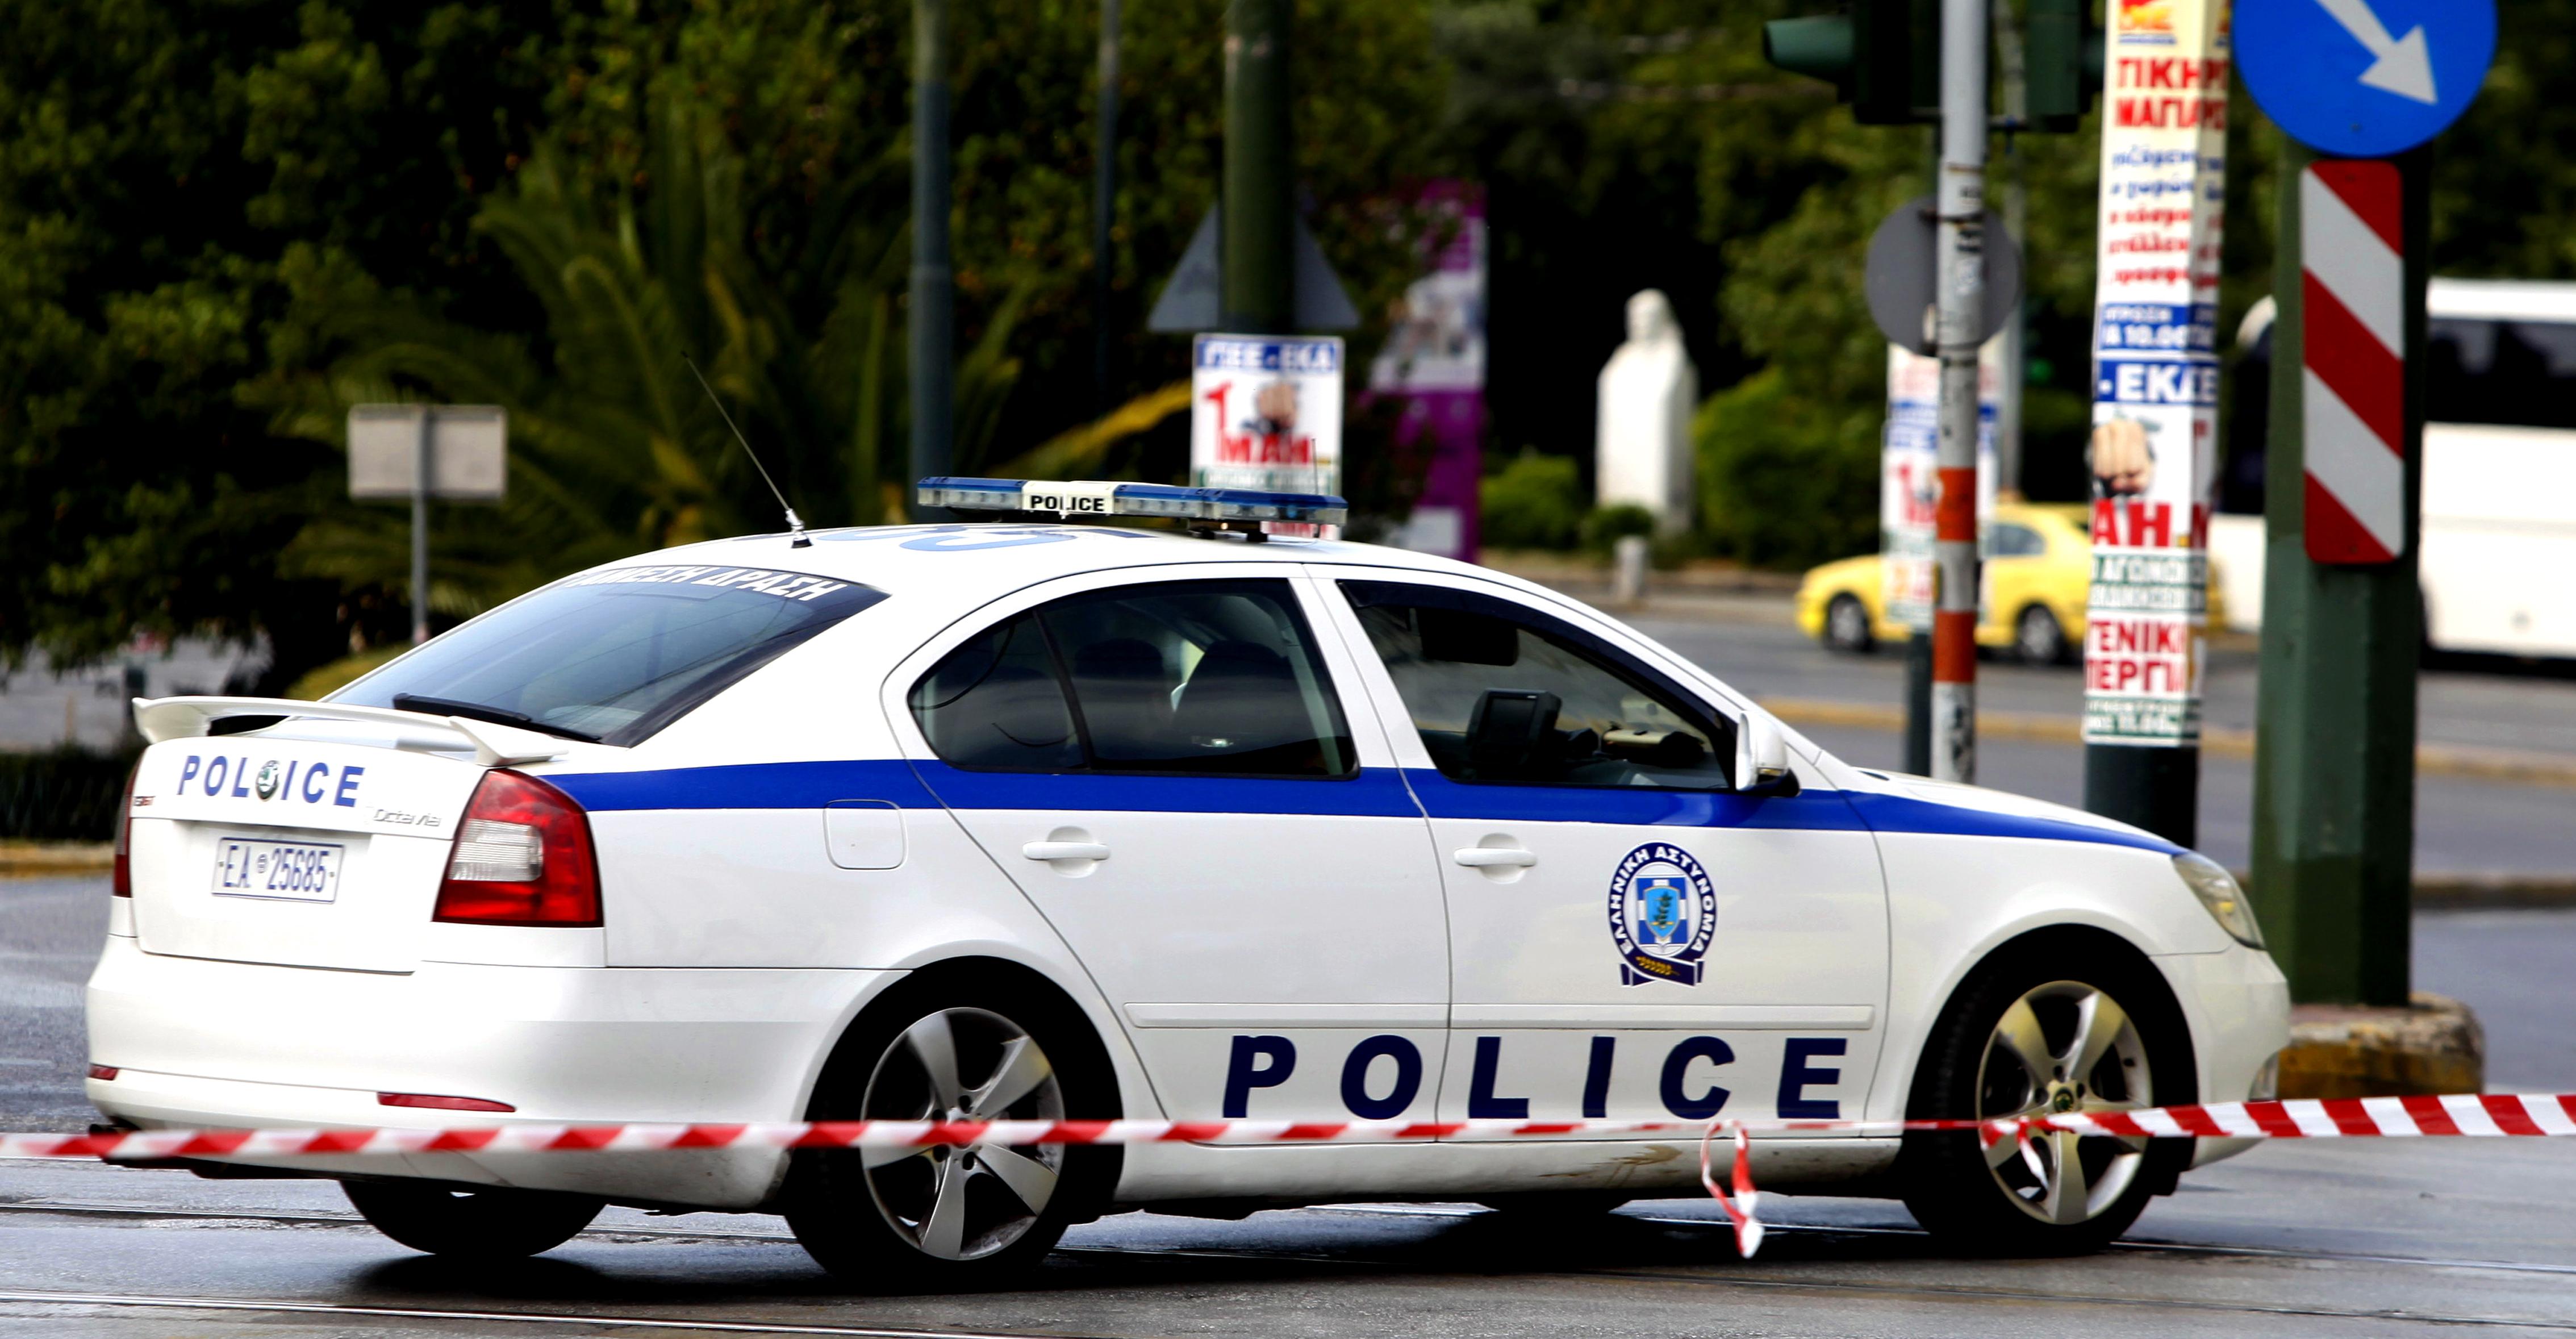 Δολοφονική επίθεση με μαχαίρι στην Πλατεία Βικτωρίας | tovima.gr